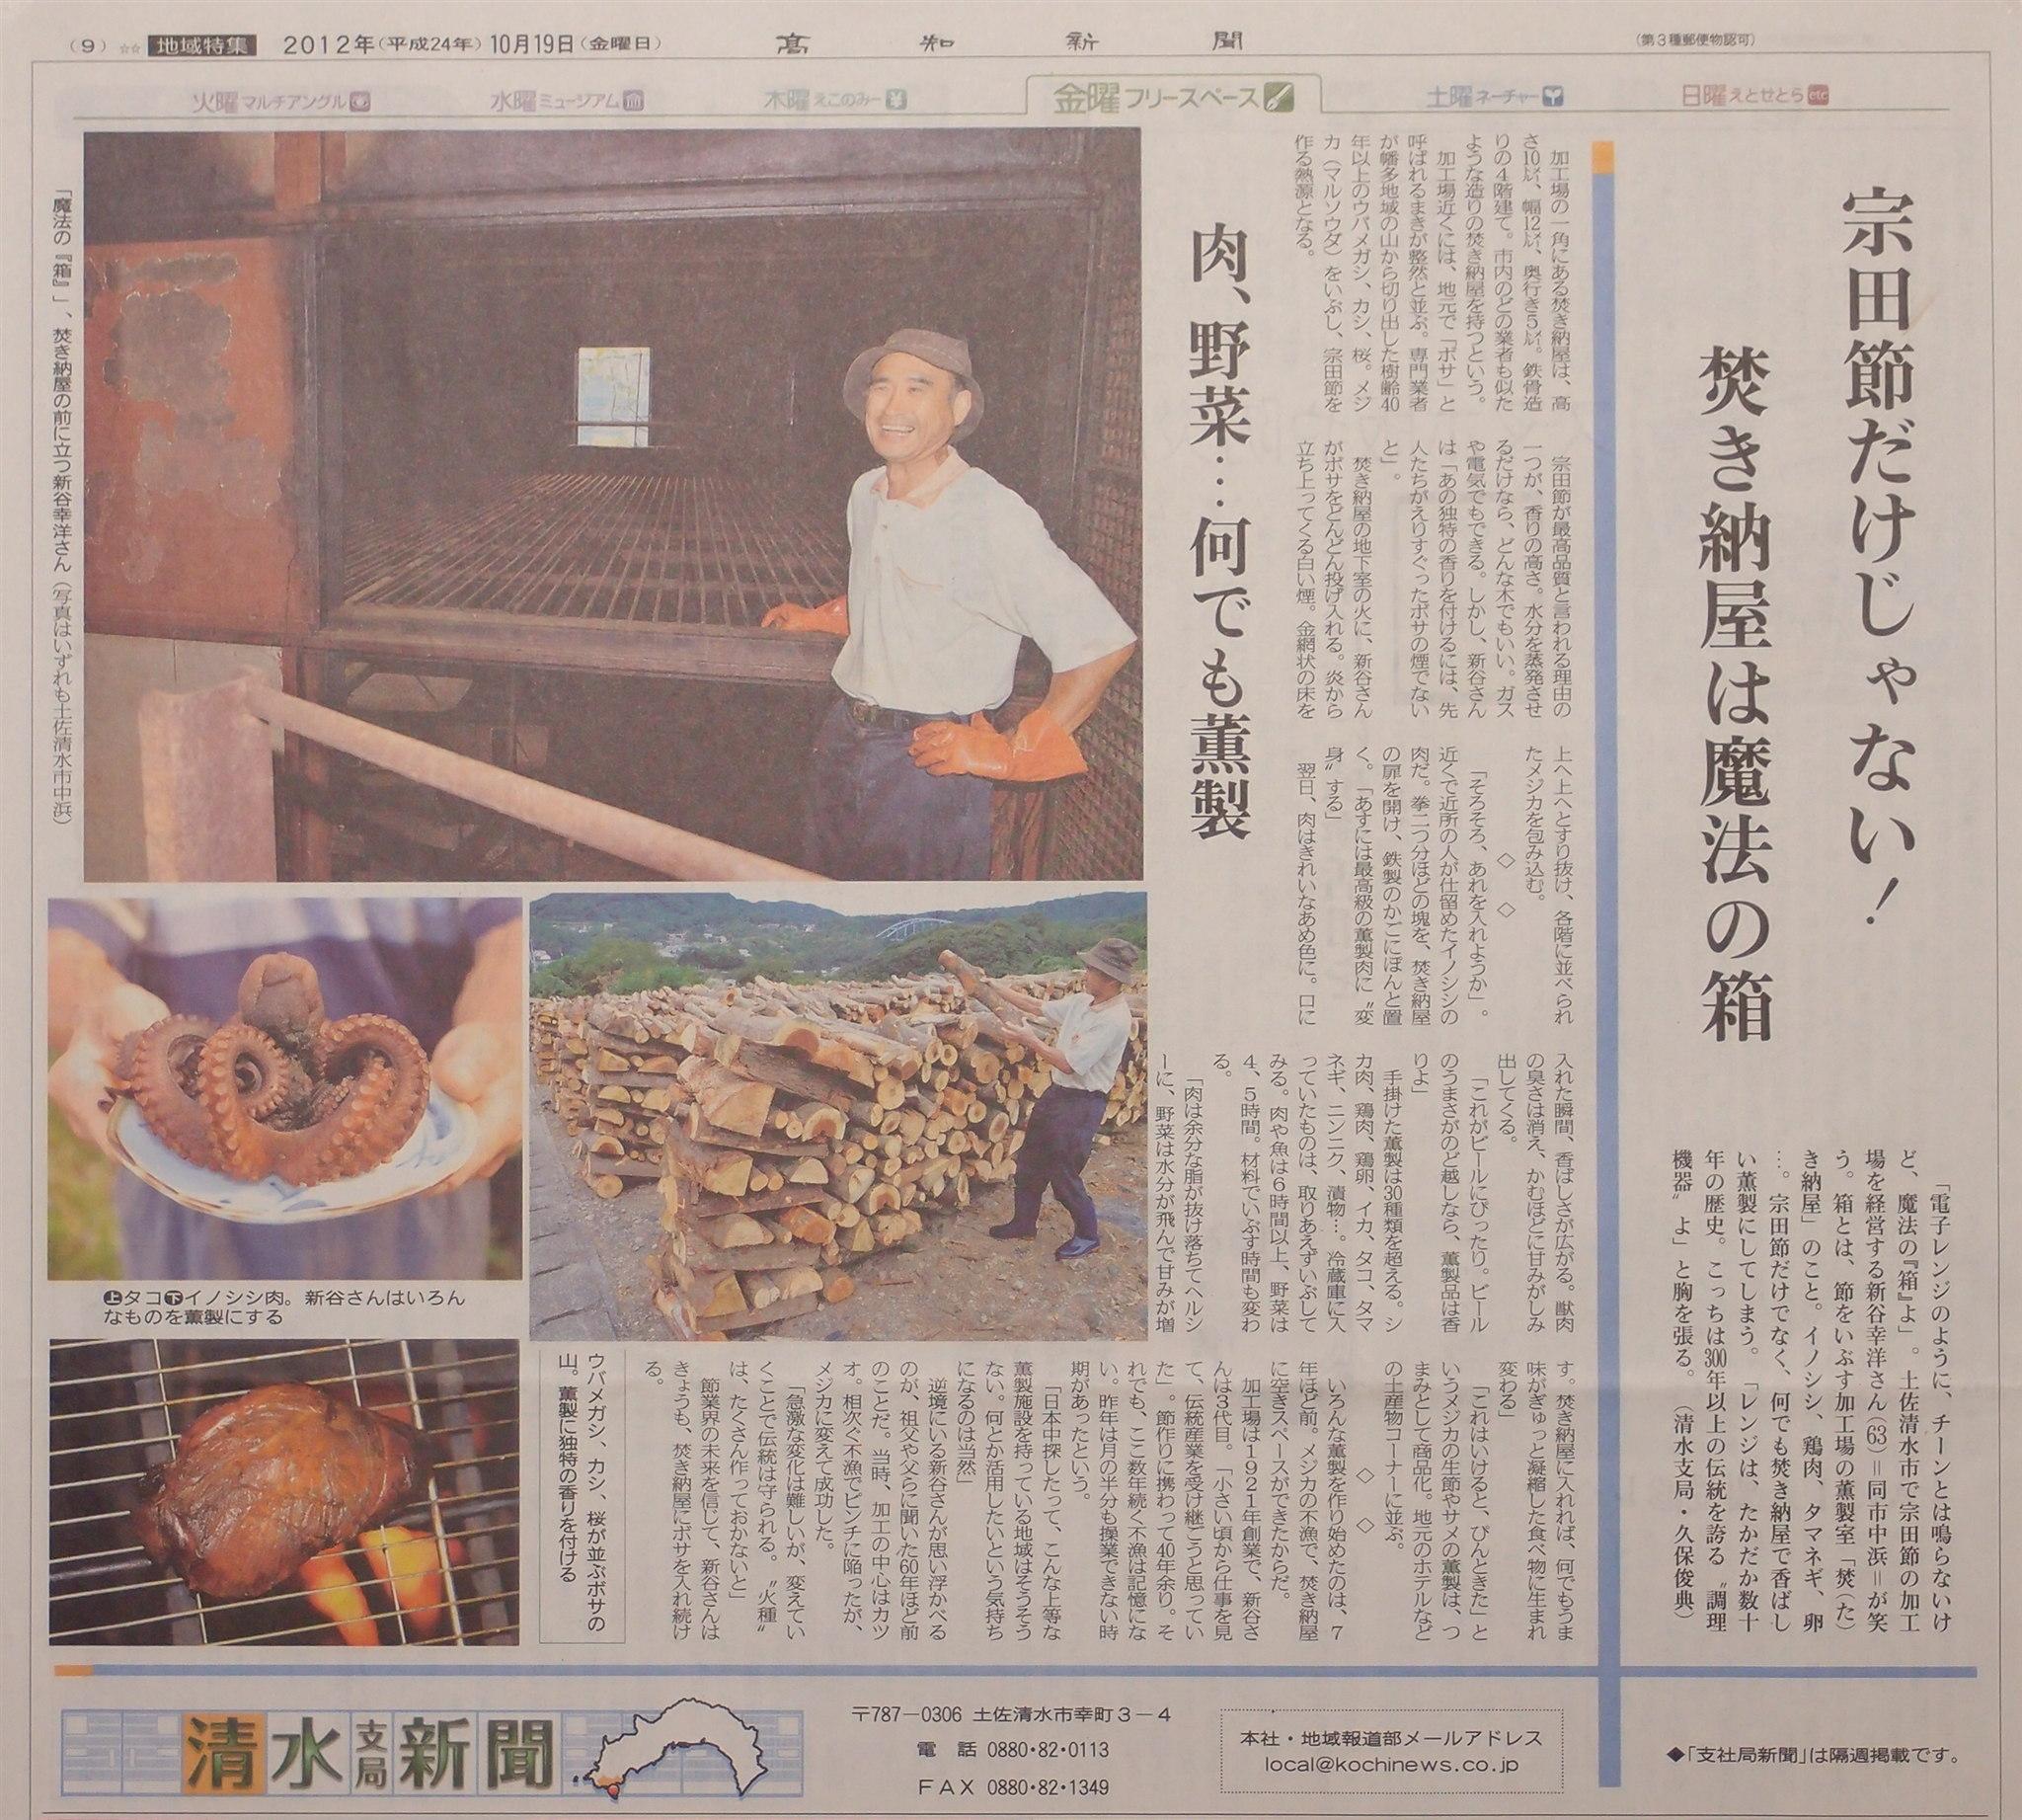 高知新聞の特集記事